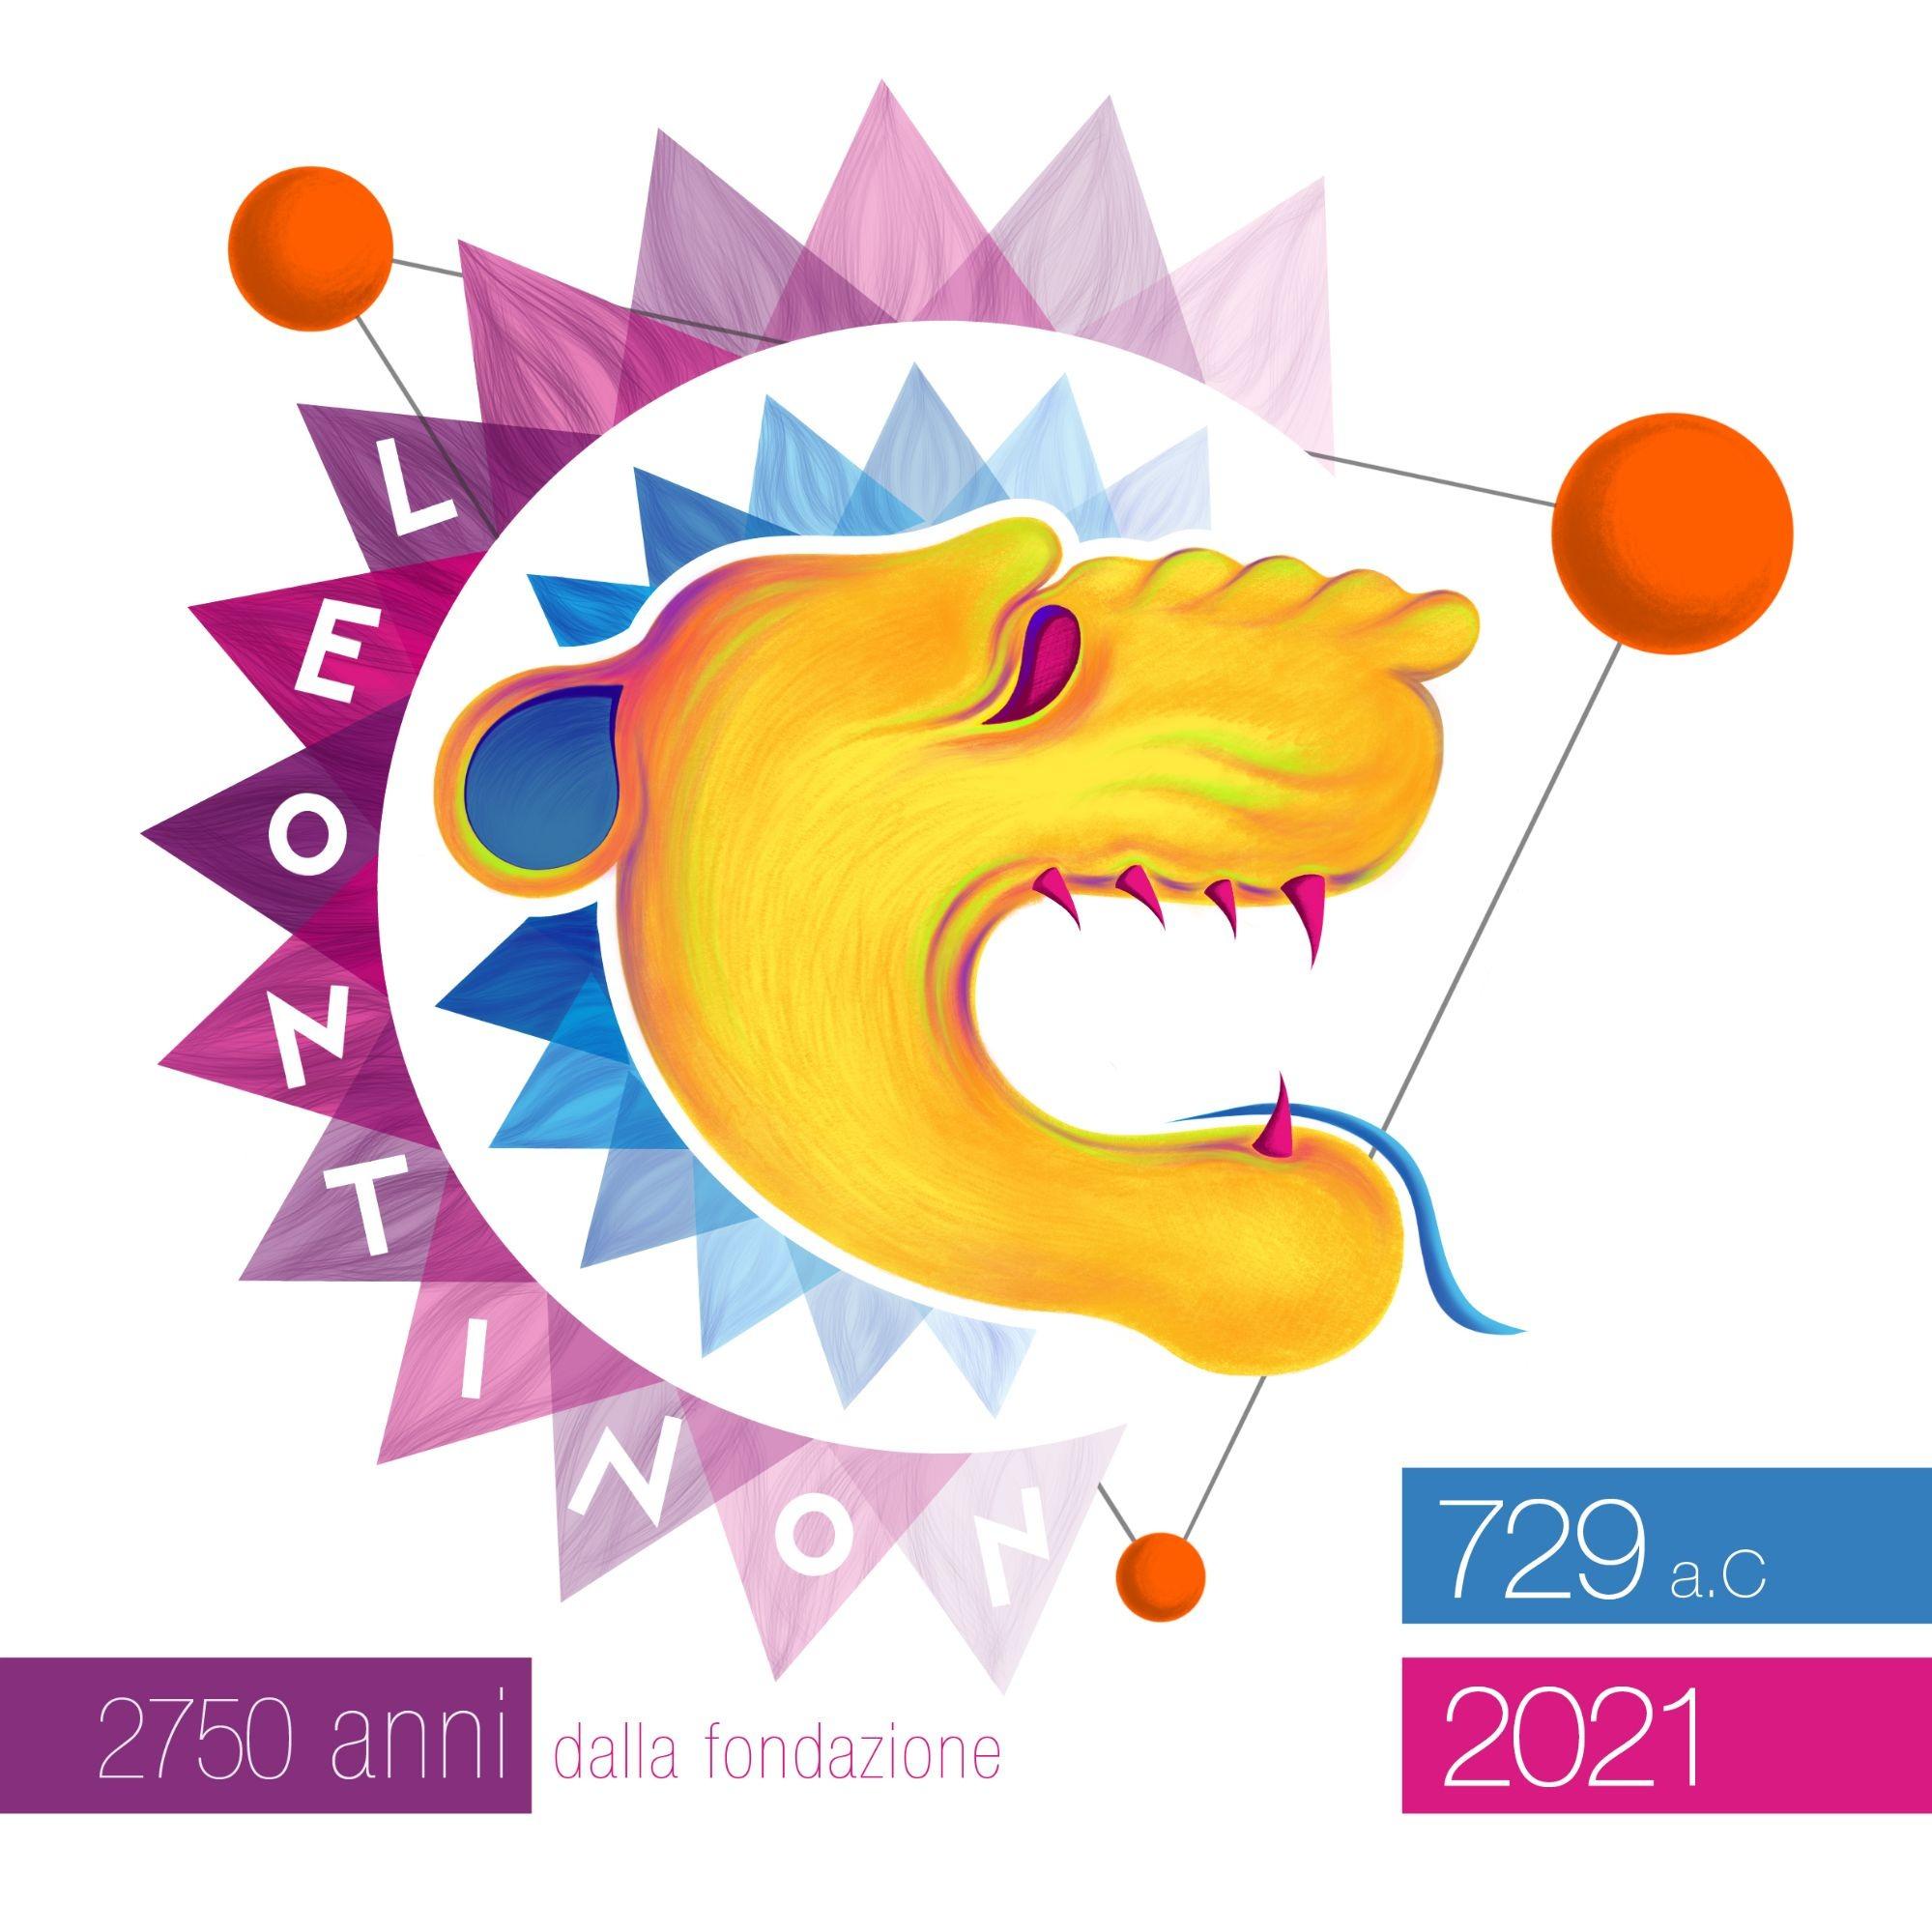 Leontinoi 2021 - Emesso un francobollo che celebra il 2750° Anniversario dalla Fondazione Greca